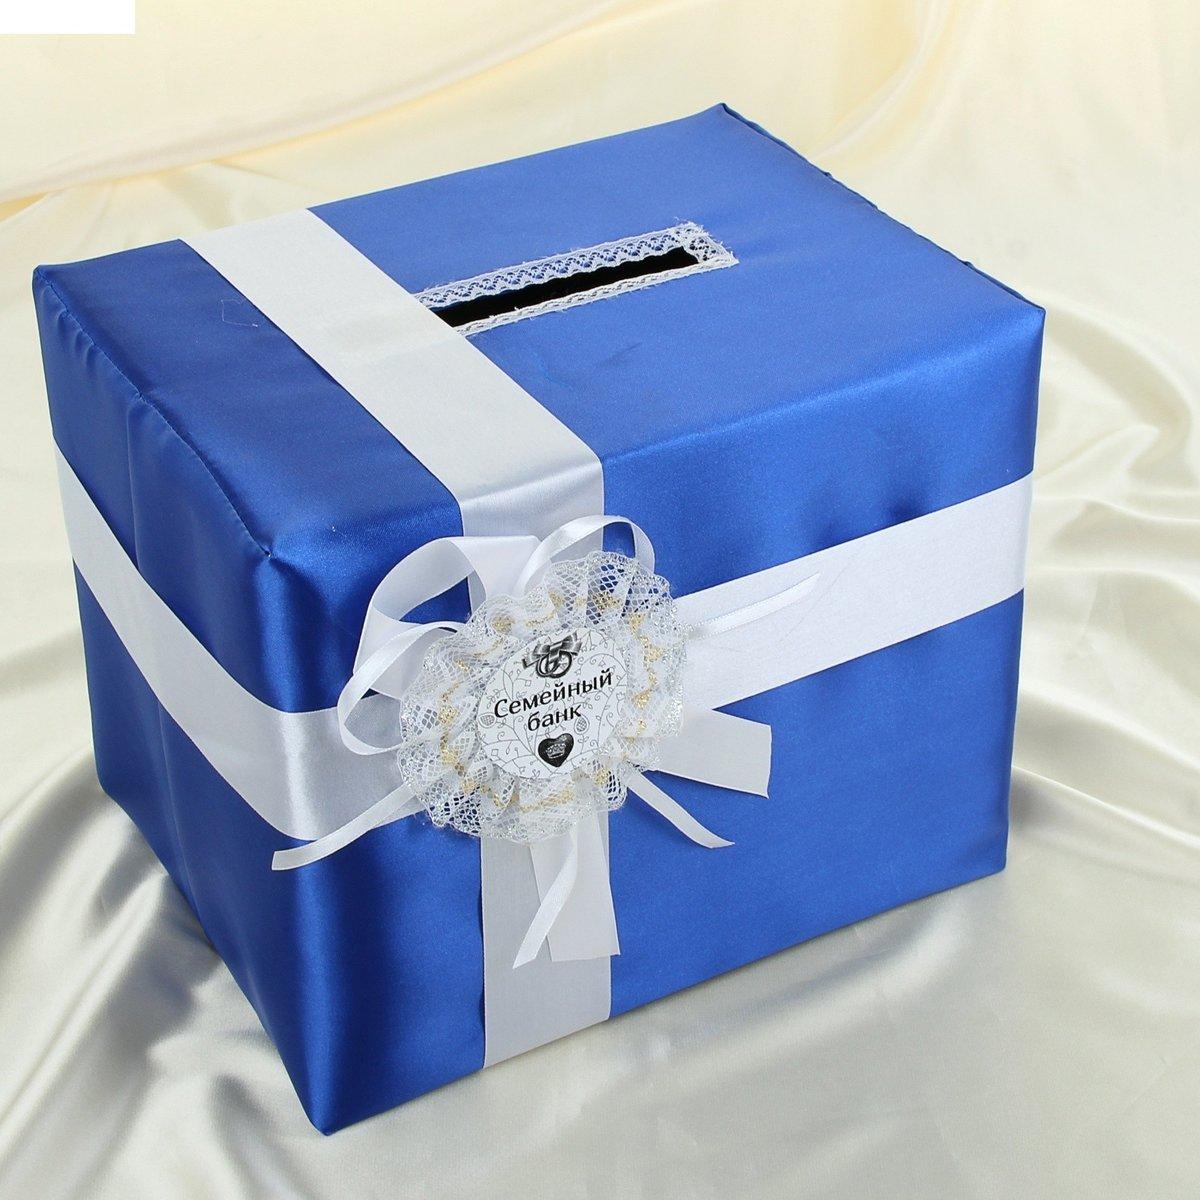 Как сделать коробка для денег на свадьбу своими руками видео 109